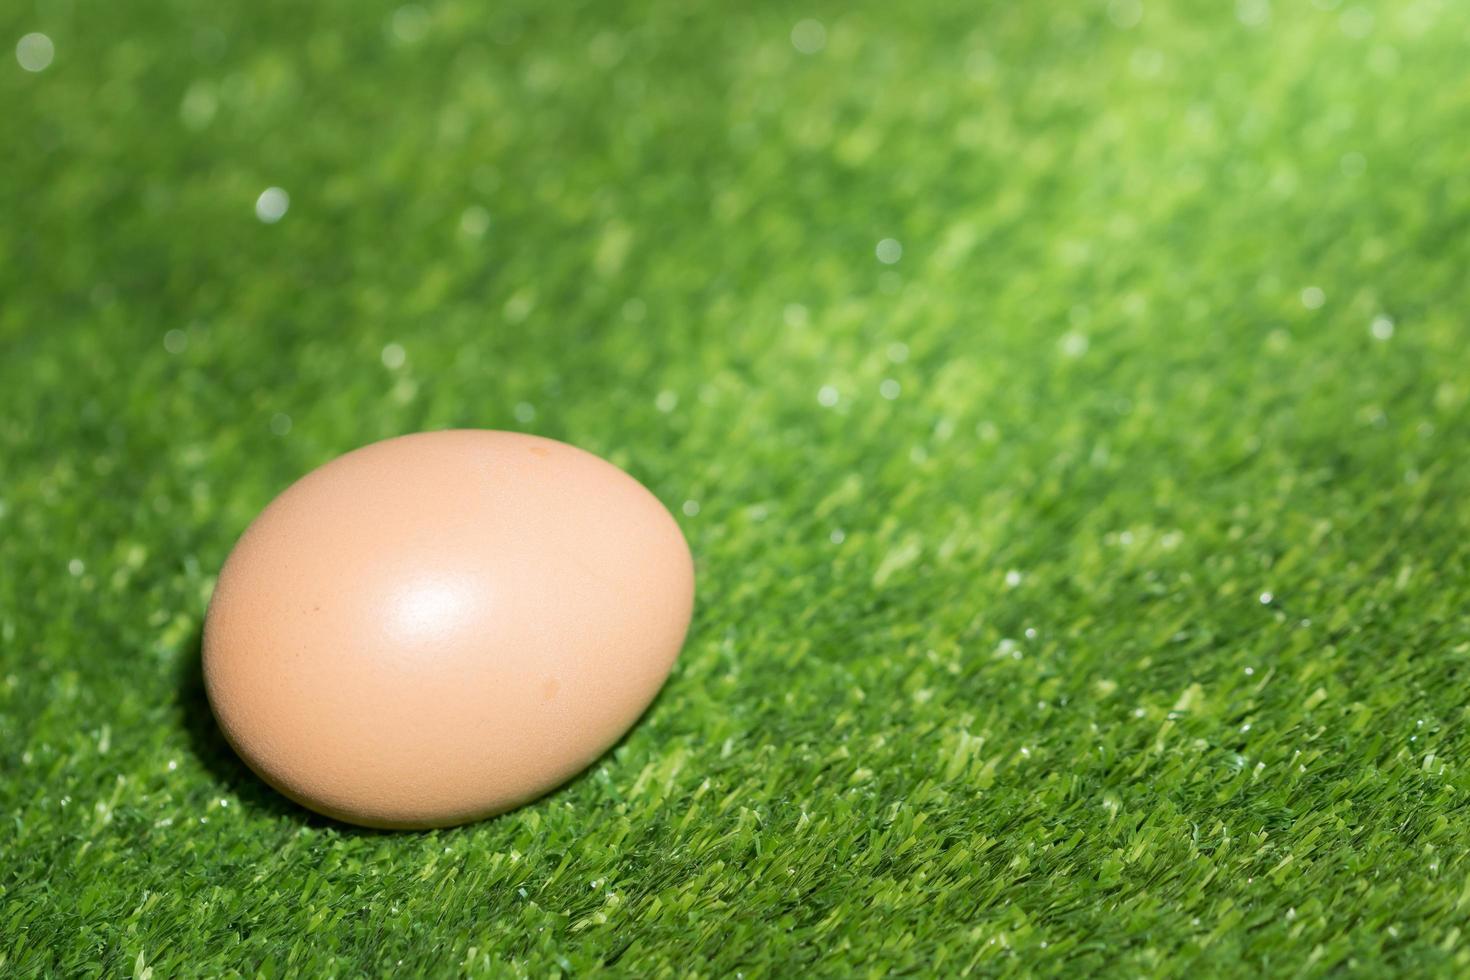 oeuf de poule sur fond vert photo